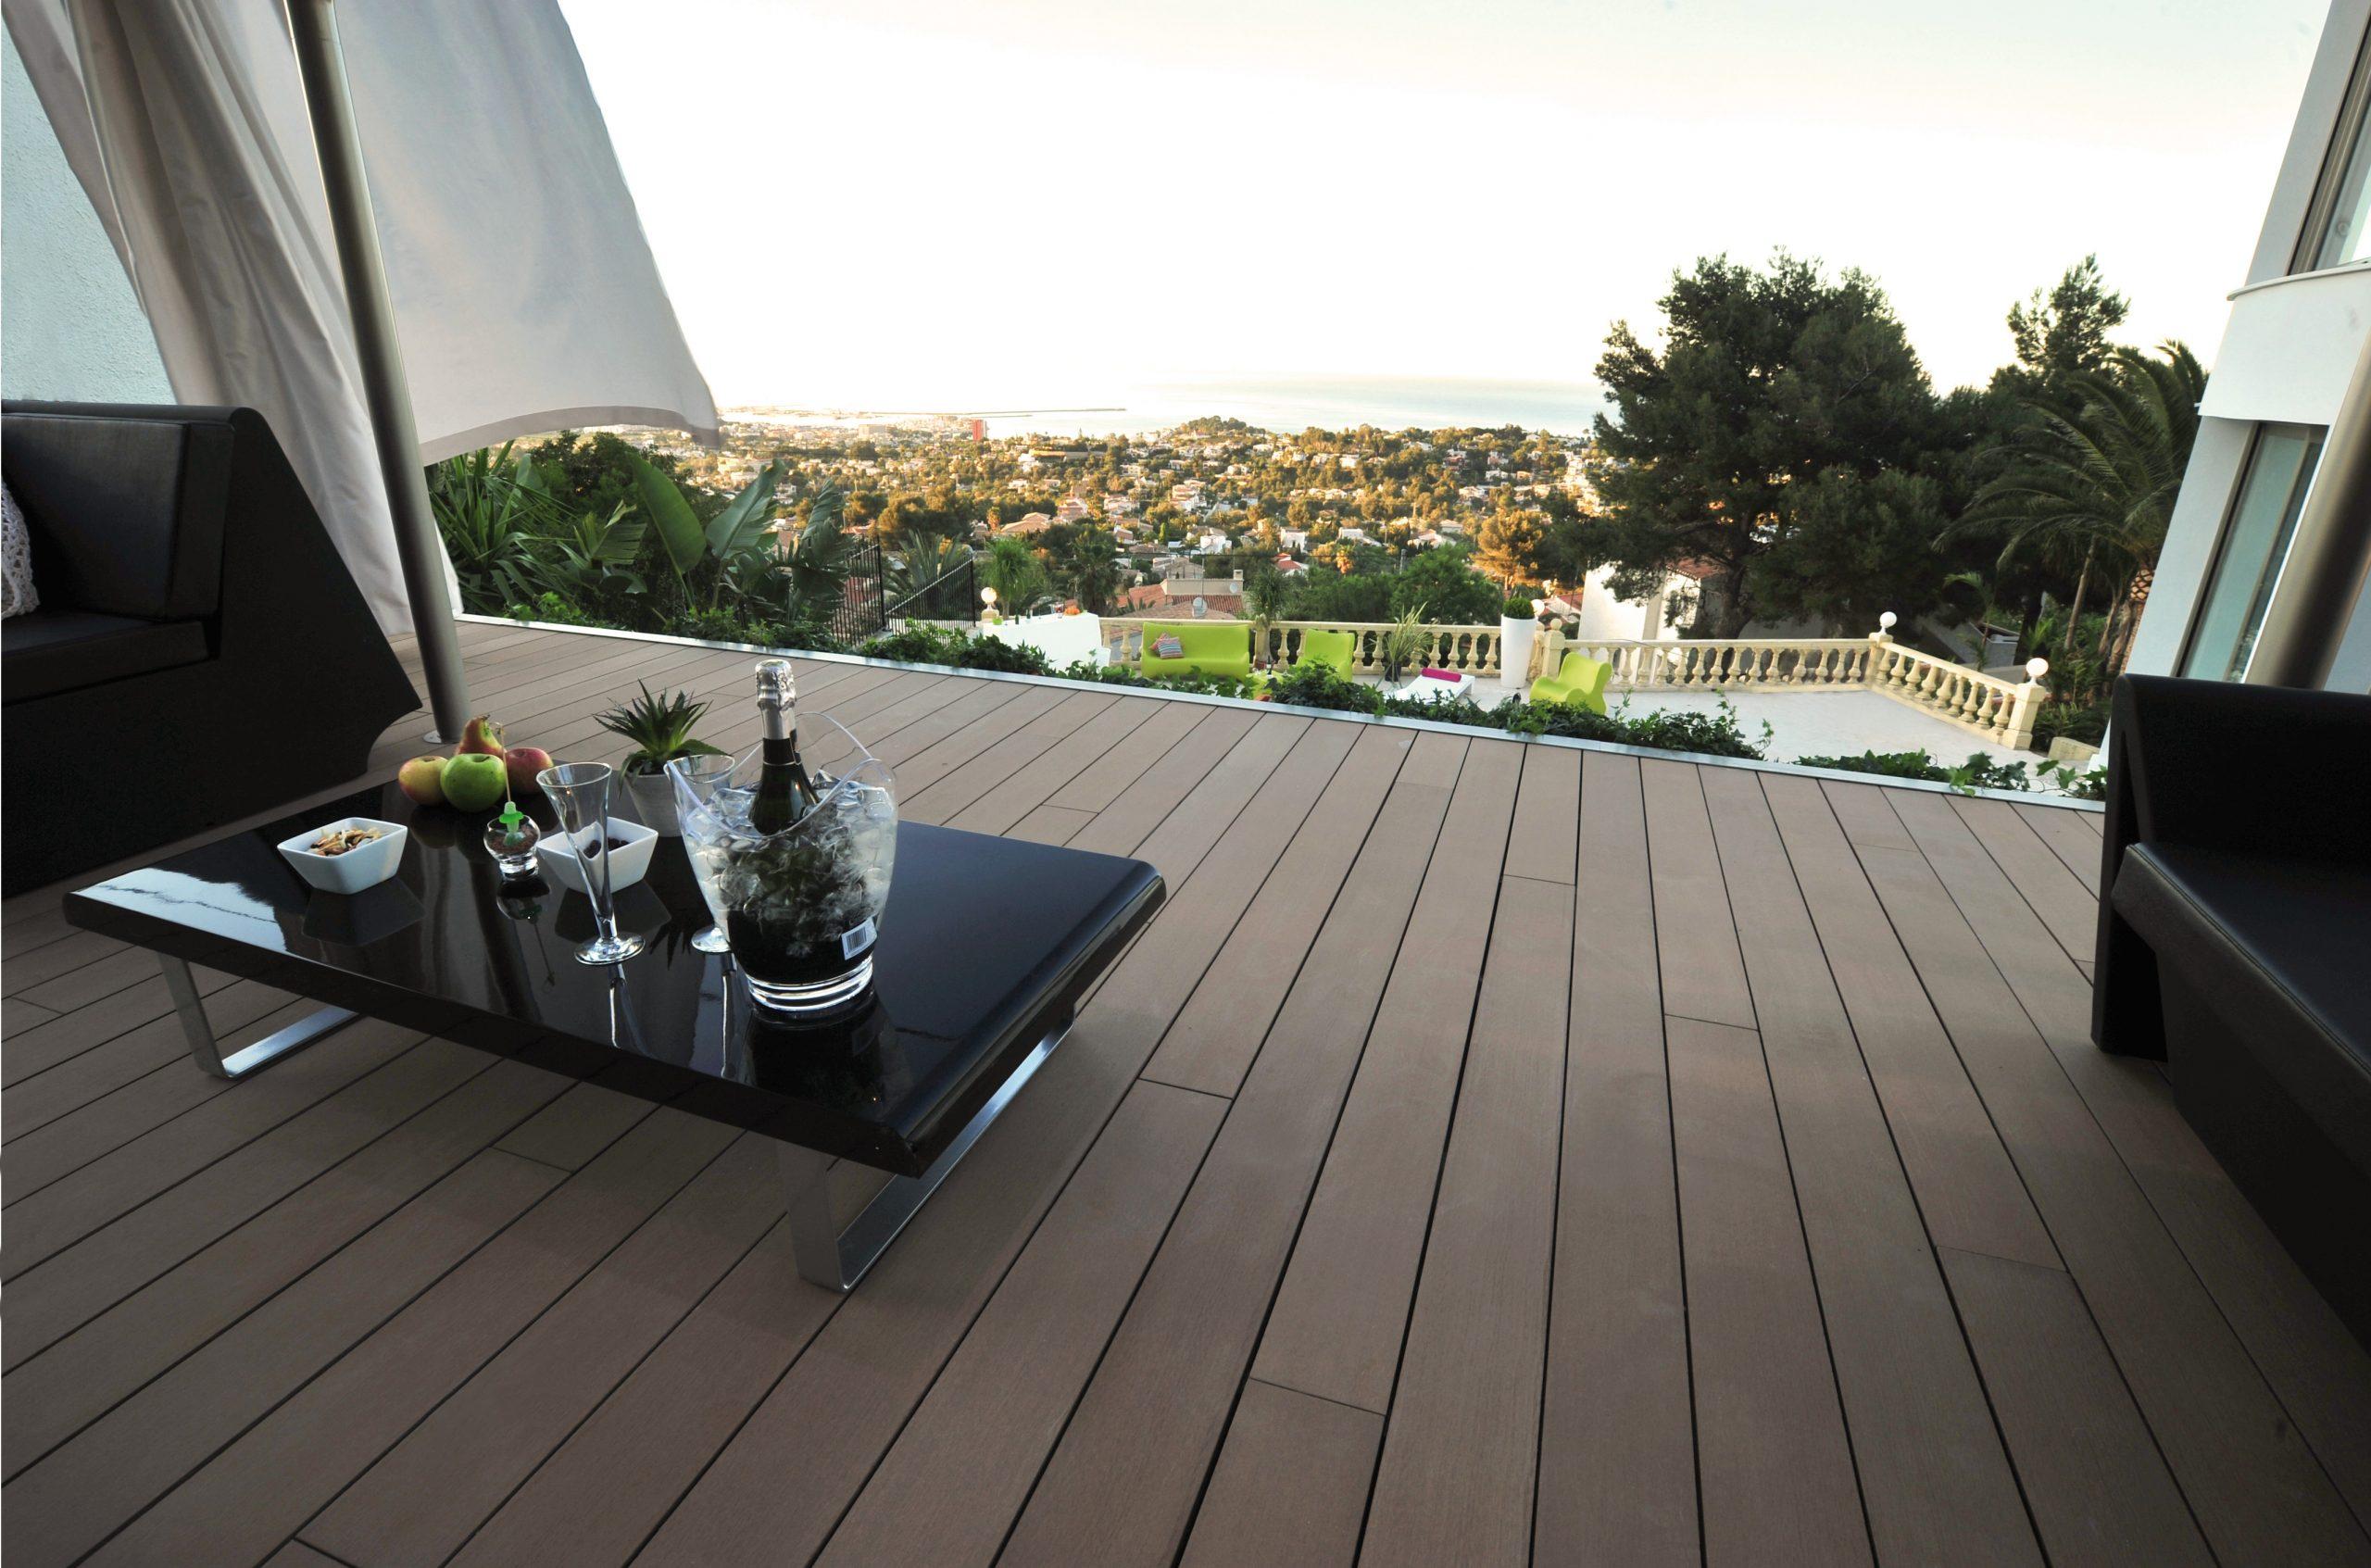 erfahrungen mit resysta terrassendielen vorteile gegen ber wpc. Black Bedroom Furniture Sets. Home Design Ideas